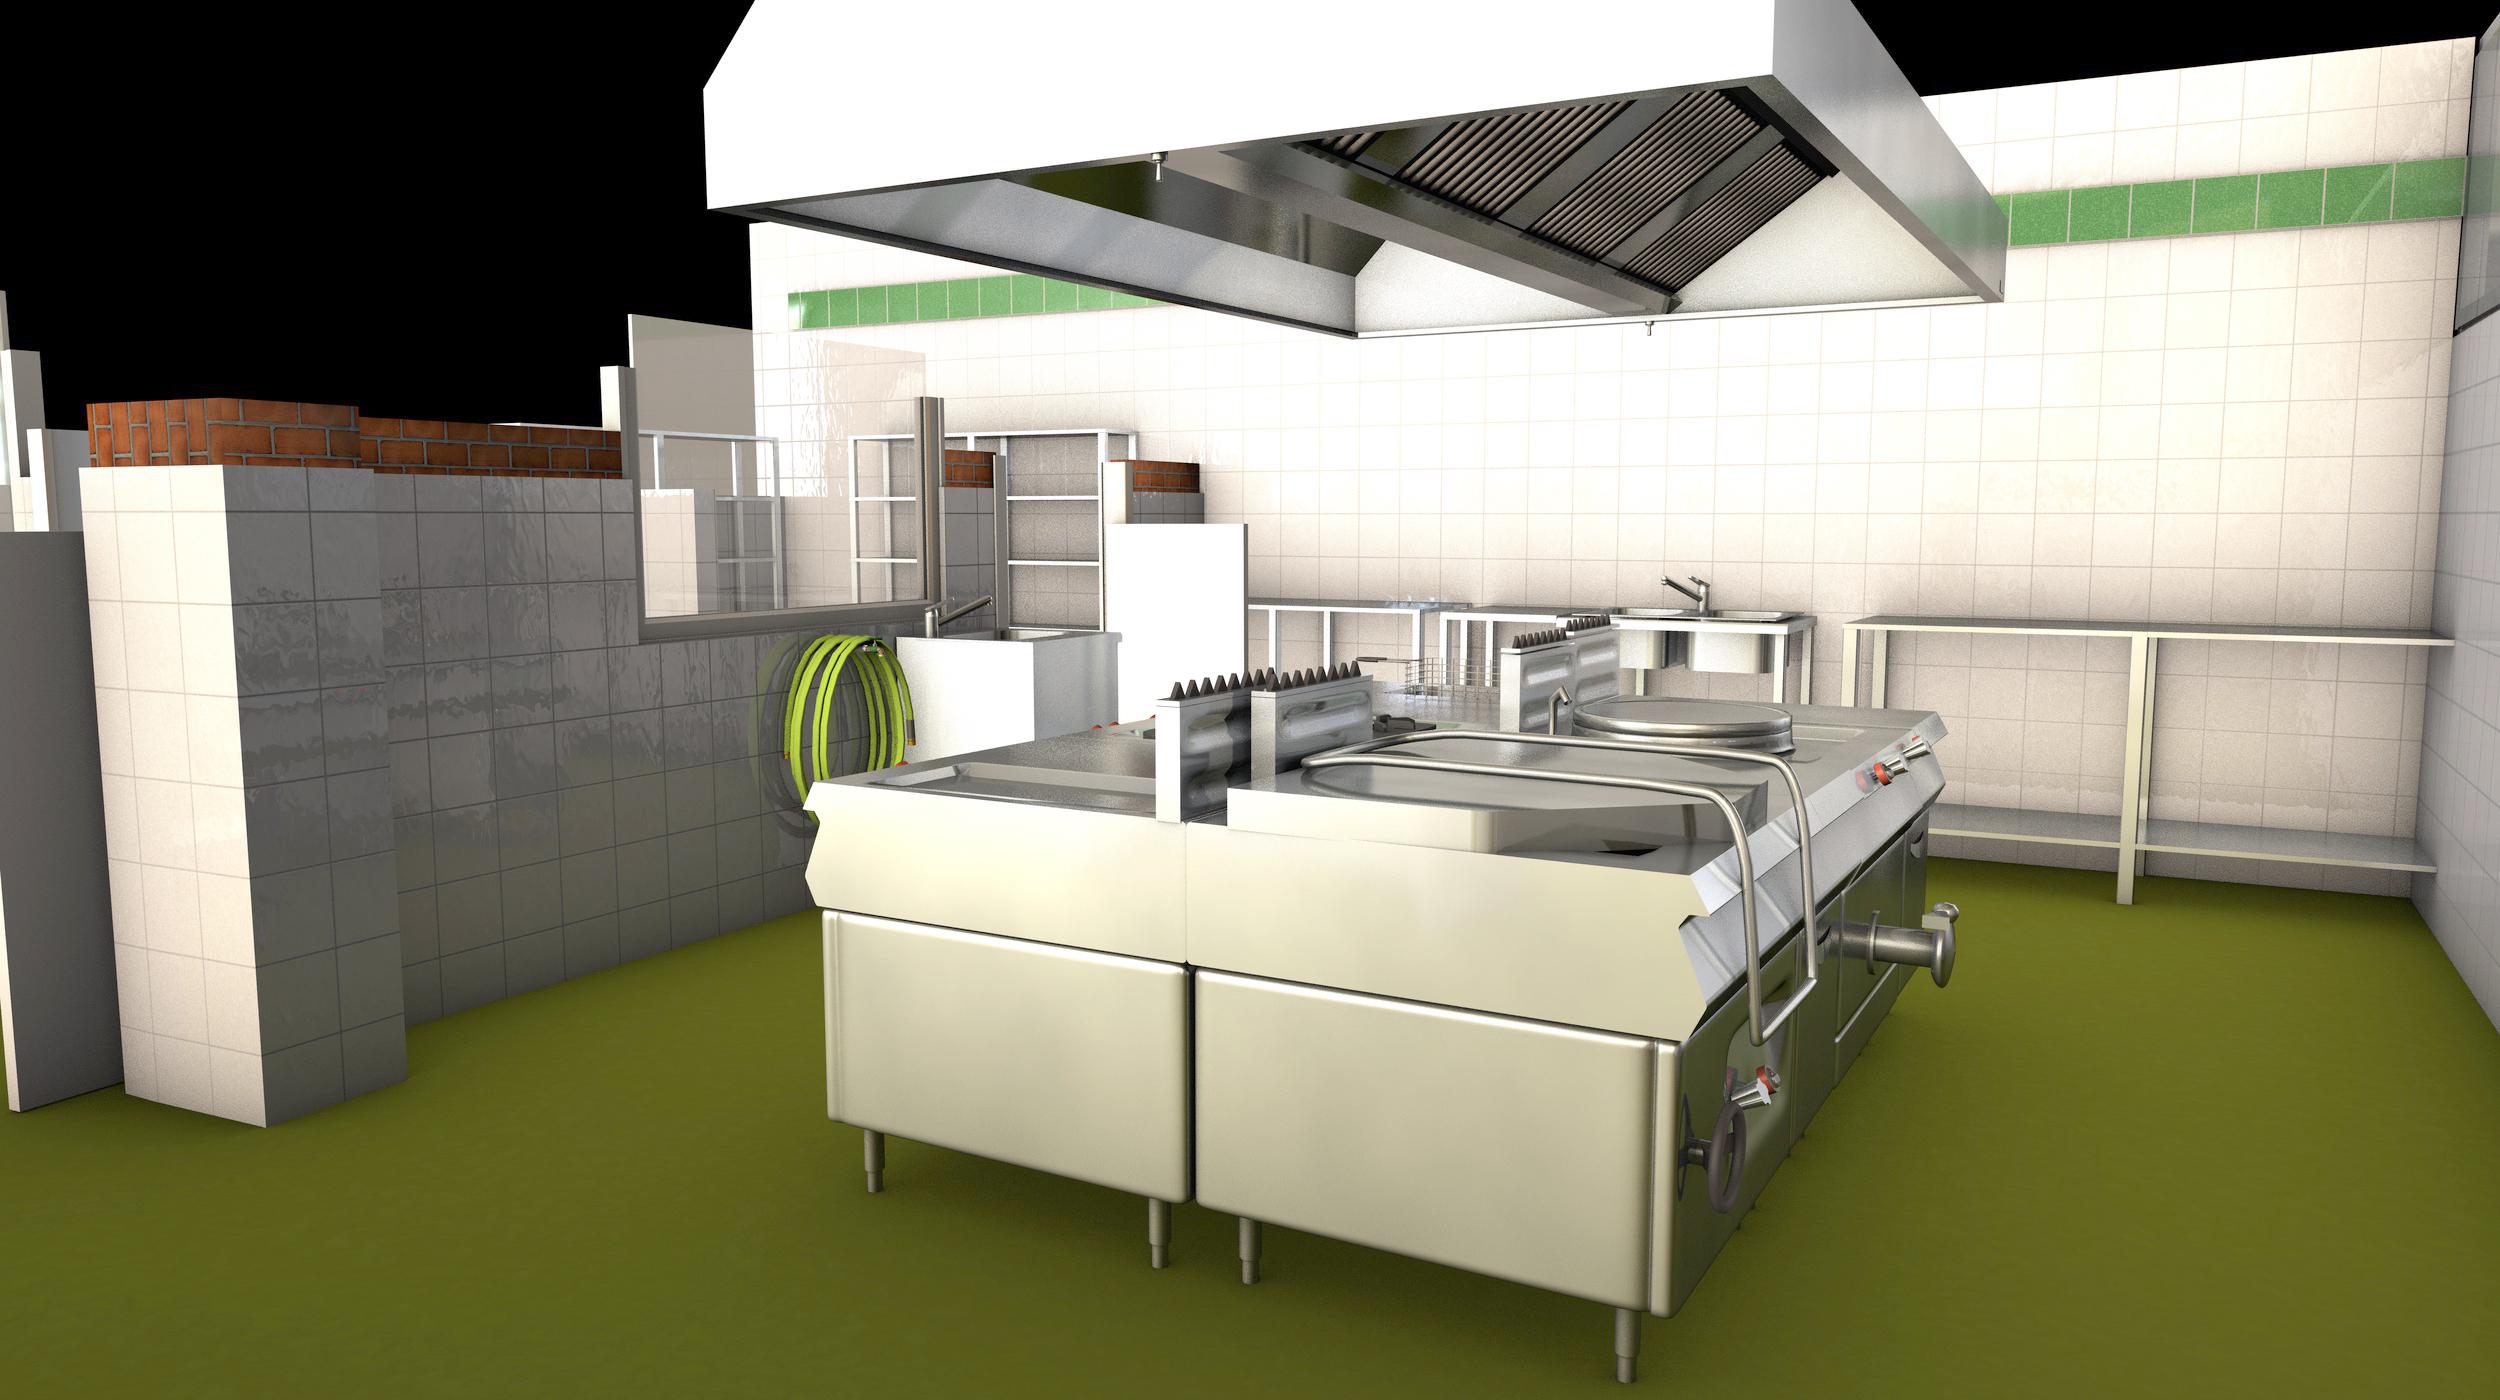 Cocinas industriales for Todo para cocinas industriales